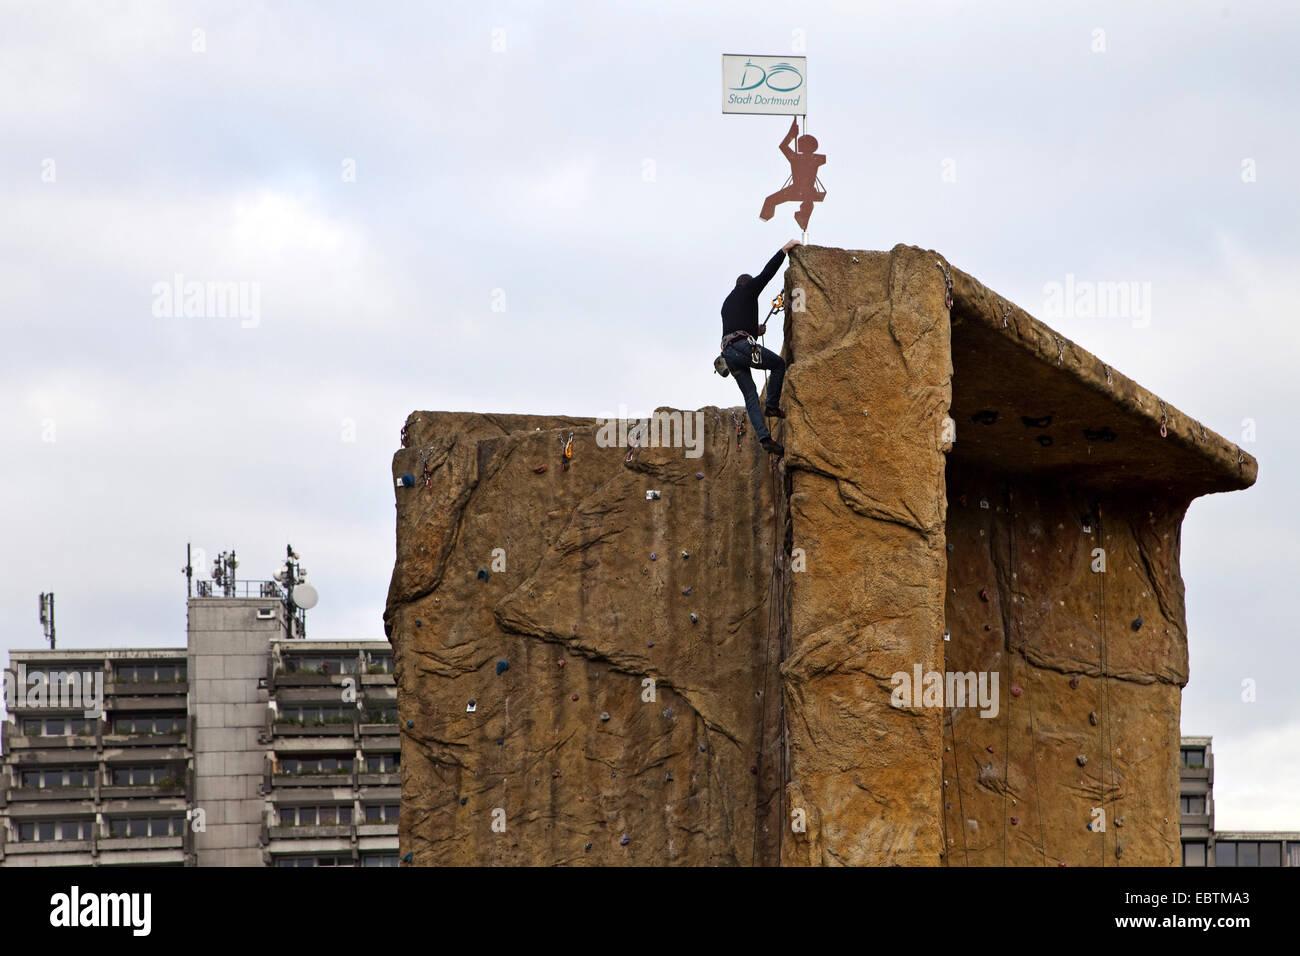 Kletterausrüstung Dortmund : Kletterer an einem künstlichen kletterturm in dortmund dorstfeld vor